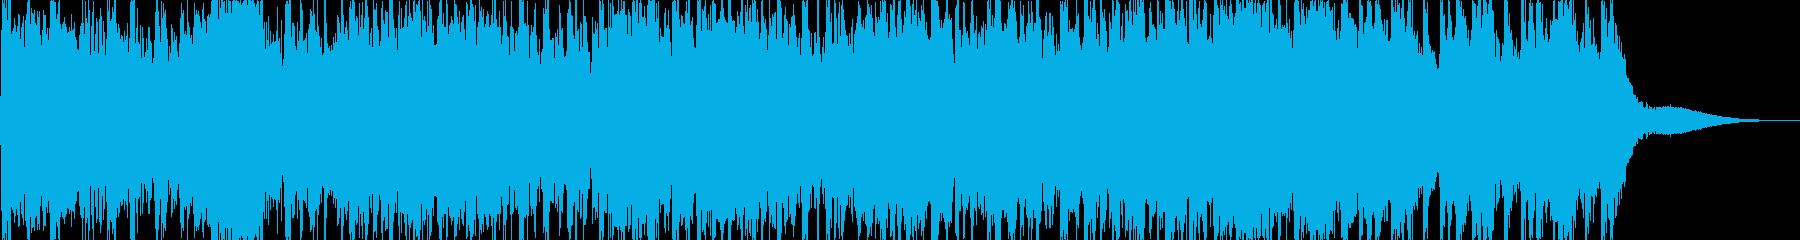 緊迫感・危機感を煽るジングル(40秒)の再生済みの波形